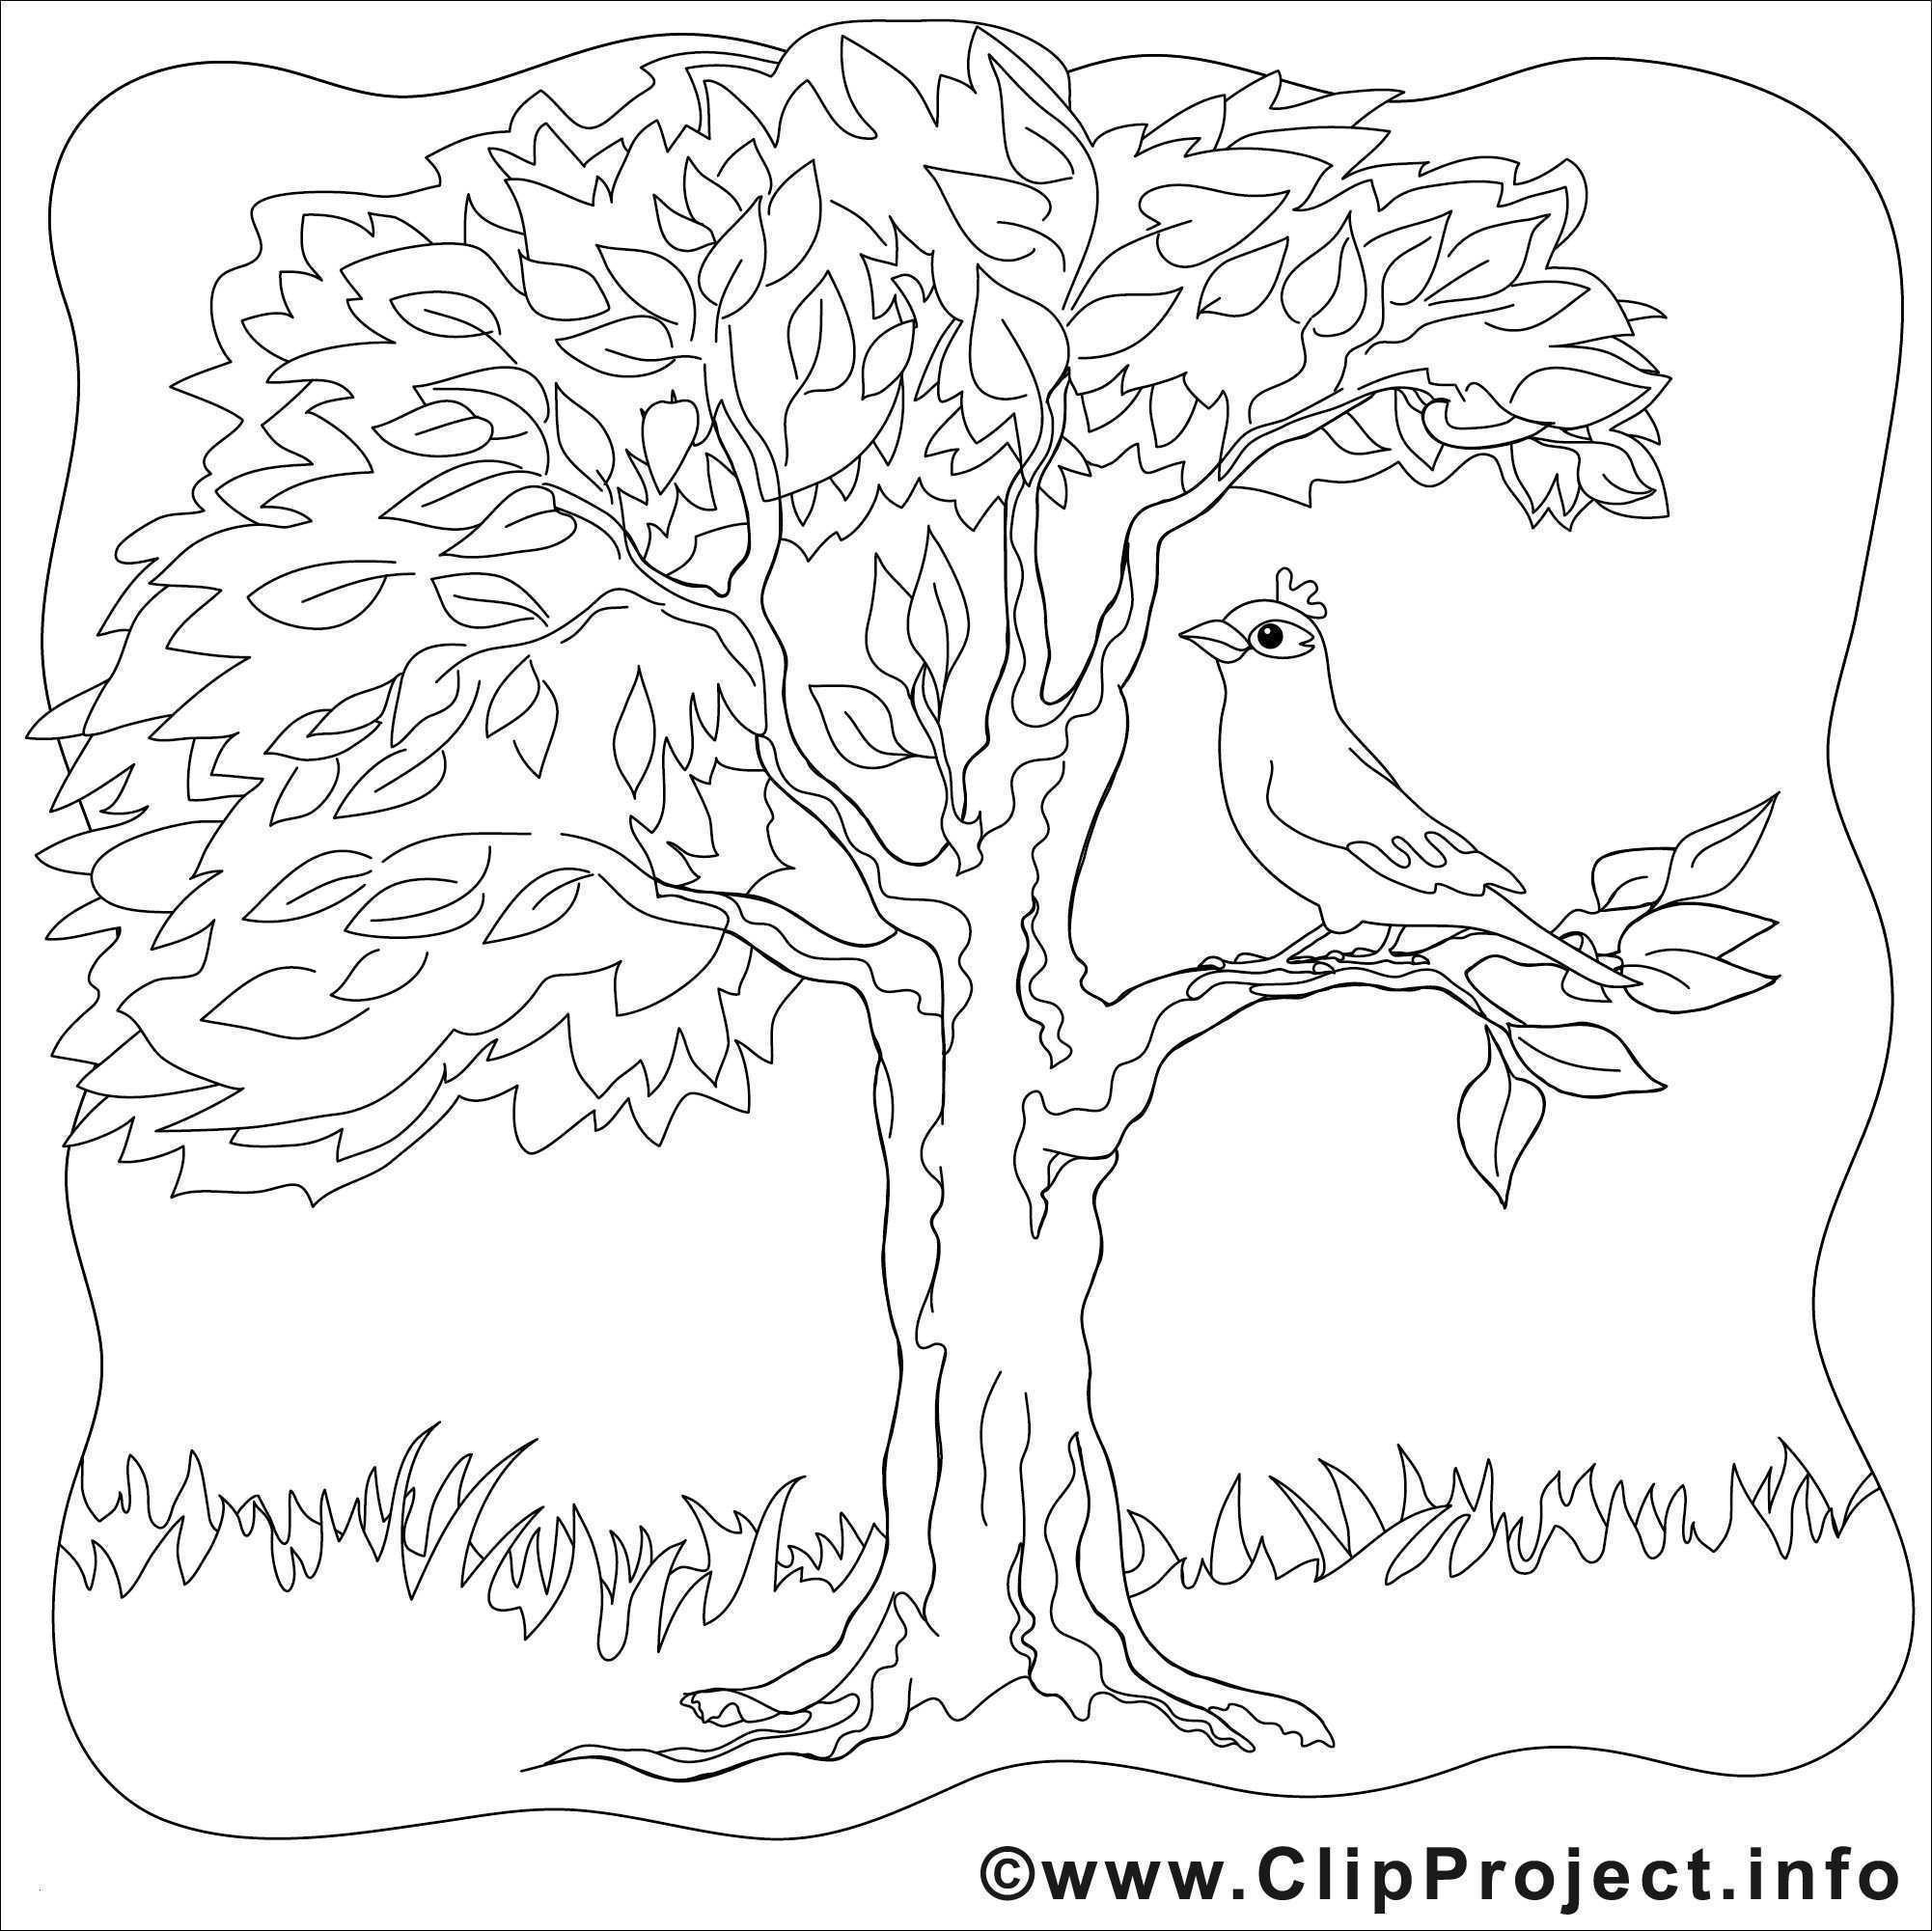 Baum Zeichnung Bleistift Neu Wald Gezeichnet Bleistift Fotos 40 Ausmalbilder Herbst Baum Galerie